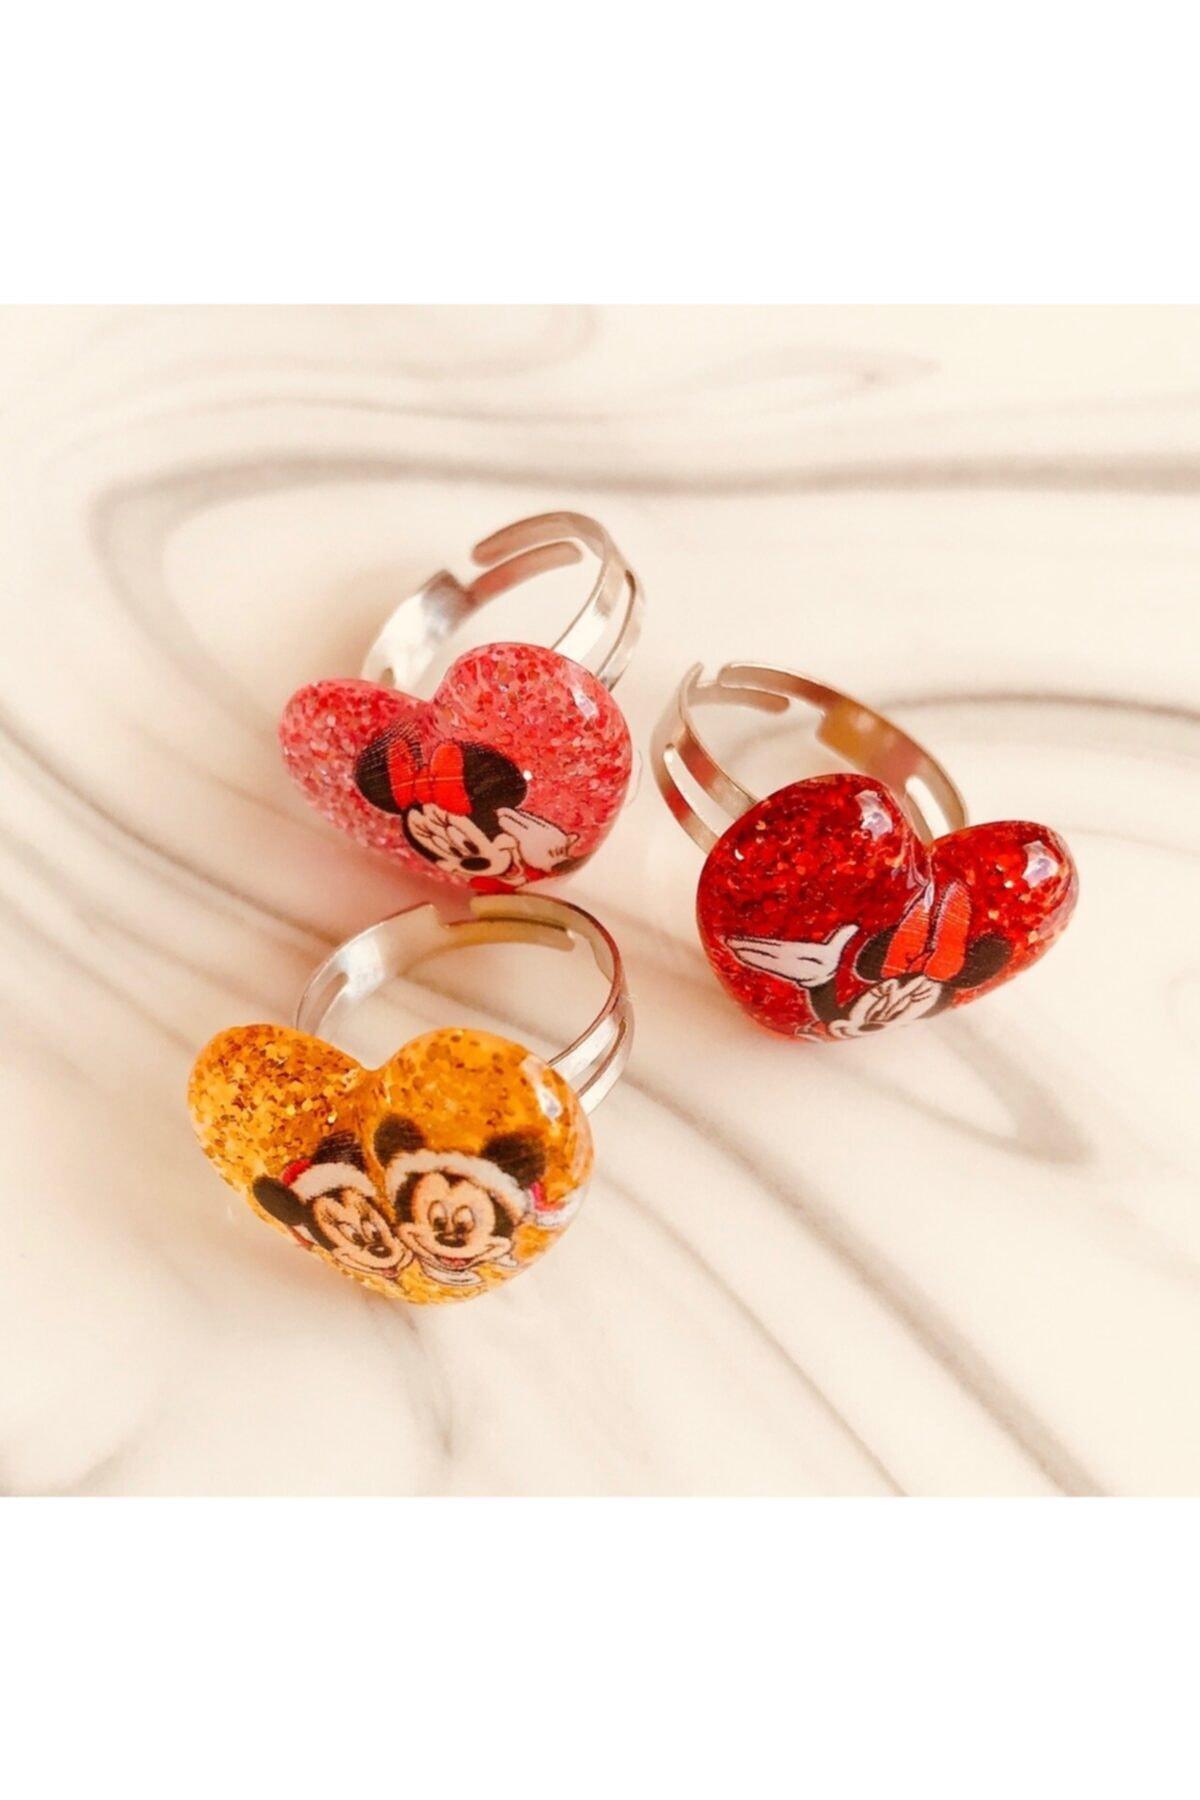 Yeşim Aksesuar Mini Mouse Ayarlanabilir Çocuk Yüzük (3 Adet)/ Mickey Mouse Çocuk Yüzüğü 2